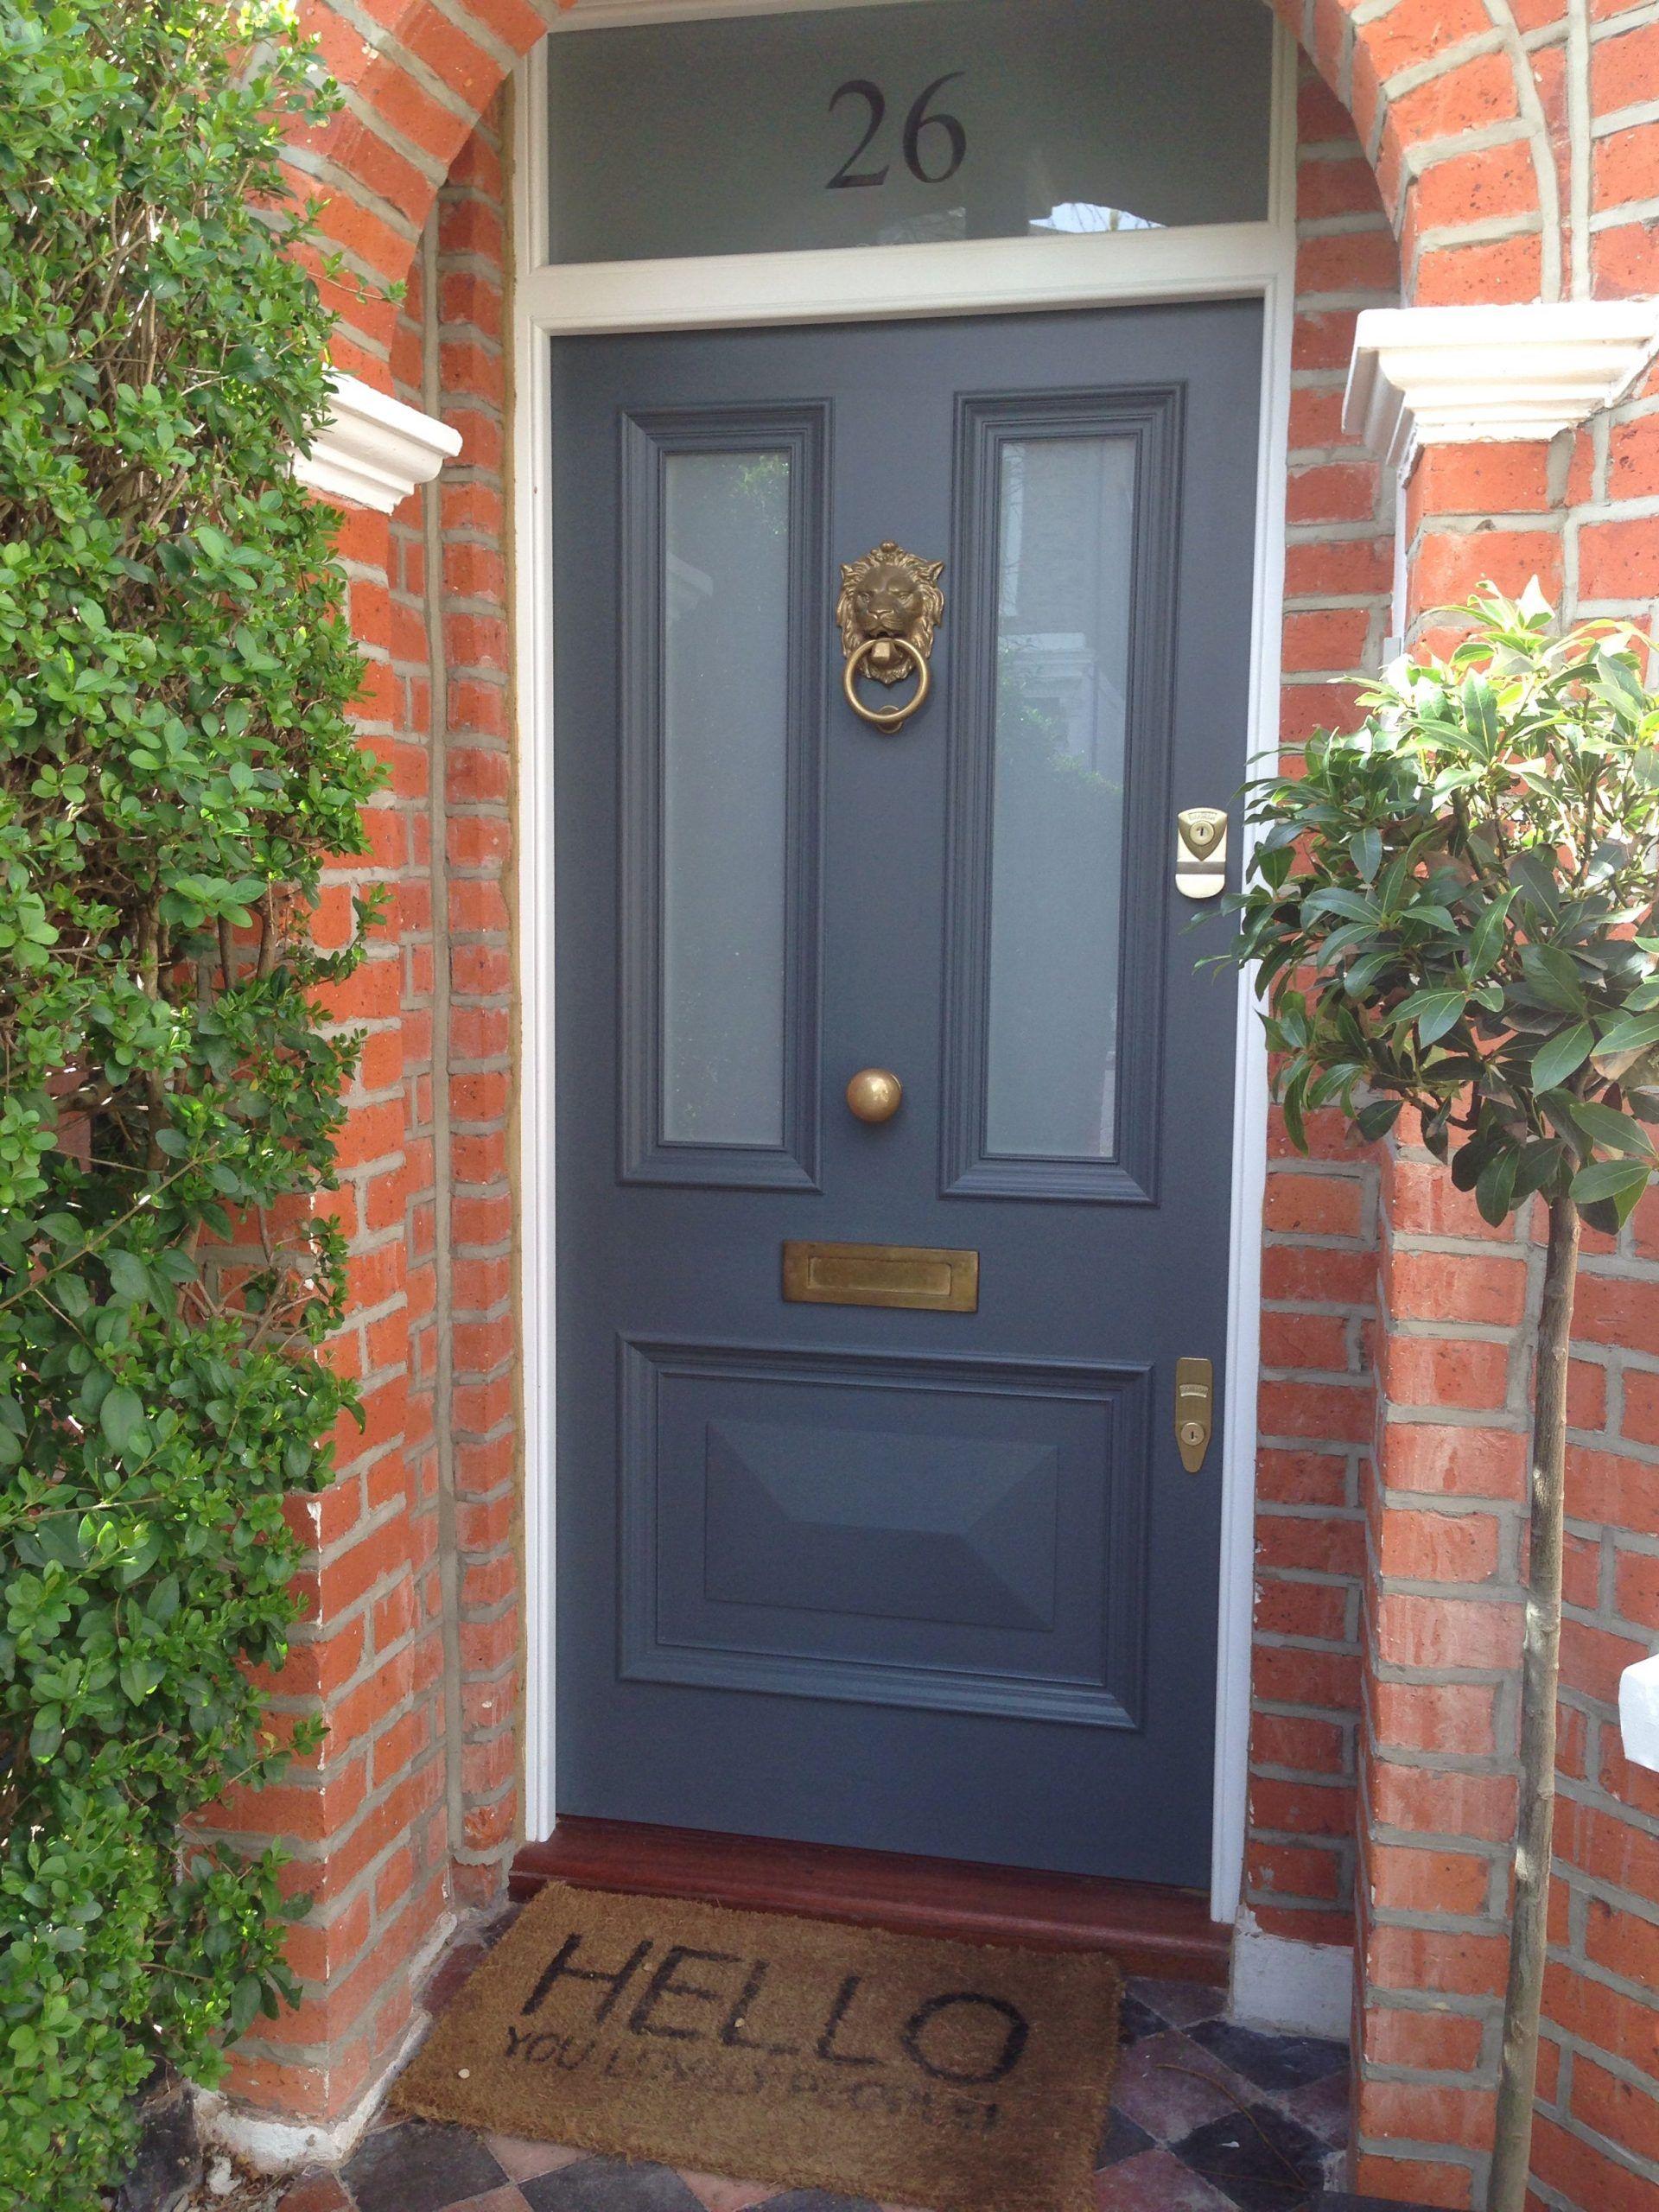 Gorgeous viktorianischen Haustür in Farrow & Ball ist die Downpipe mit Voysey & Jones Vintage Tür-Möbel #victorianfrontdoors